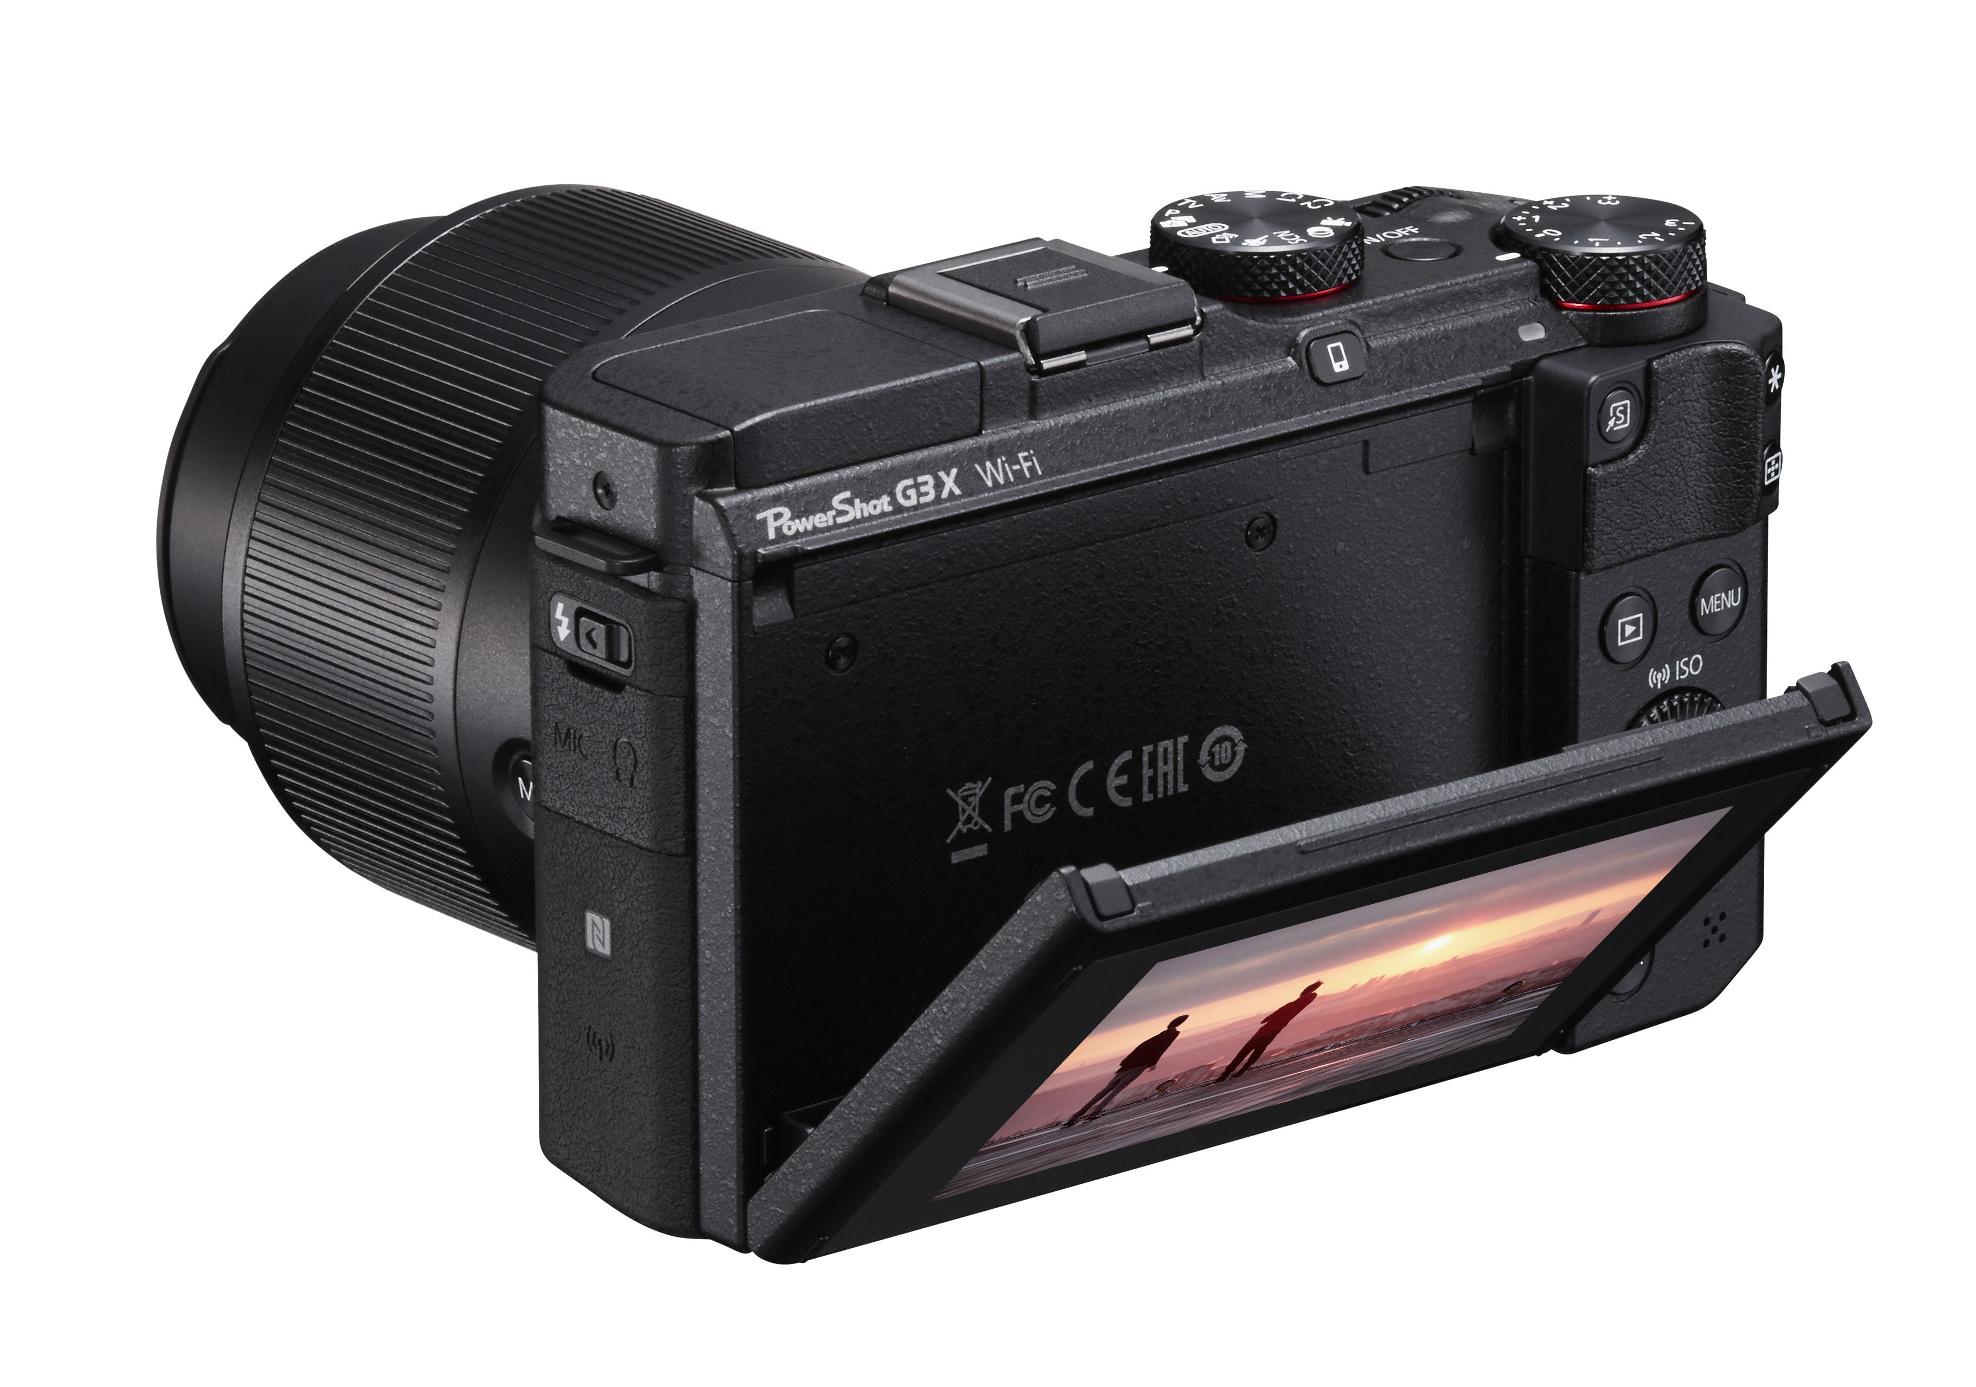 20.2MP Advanced Compact Camera in Black